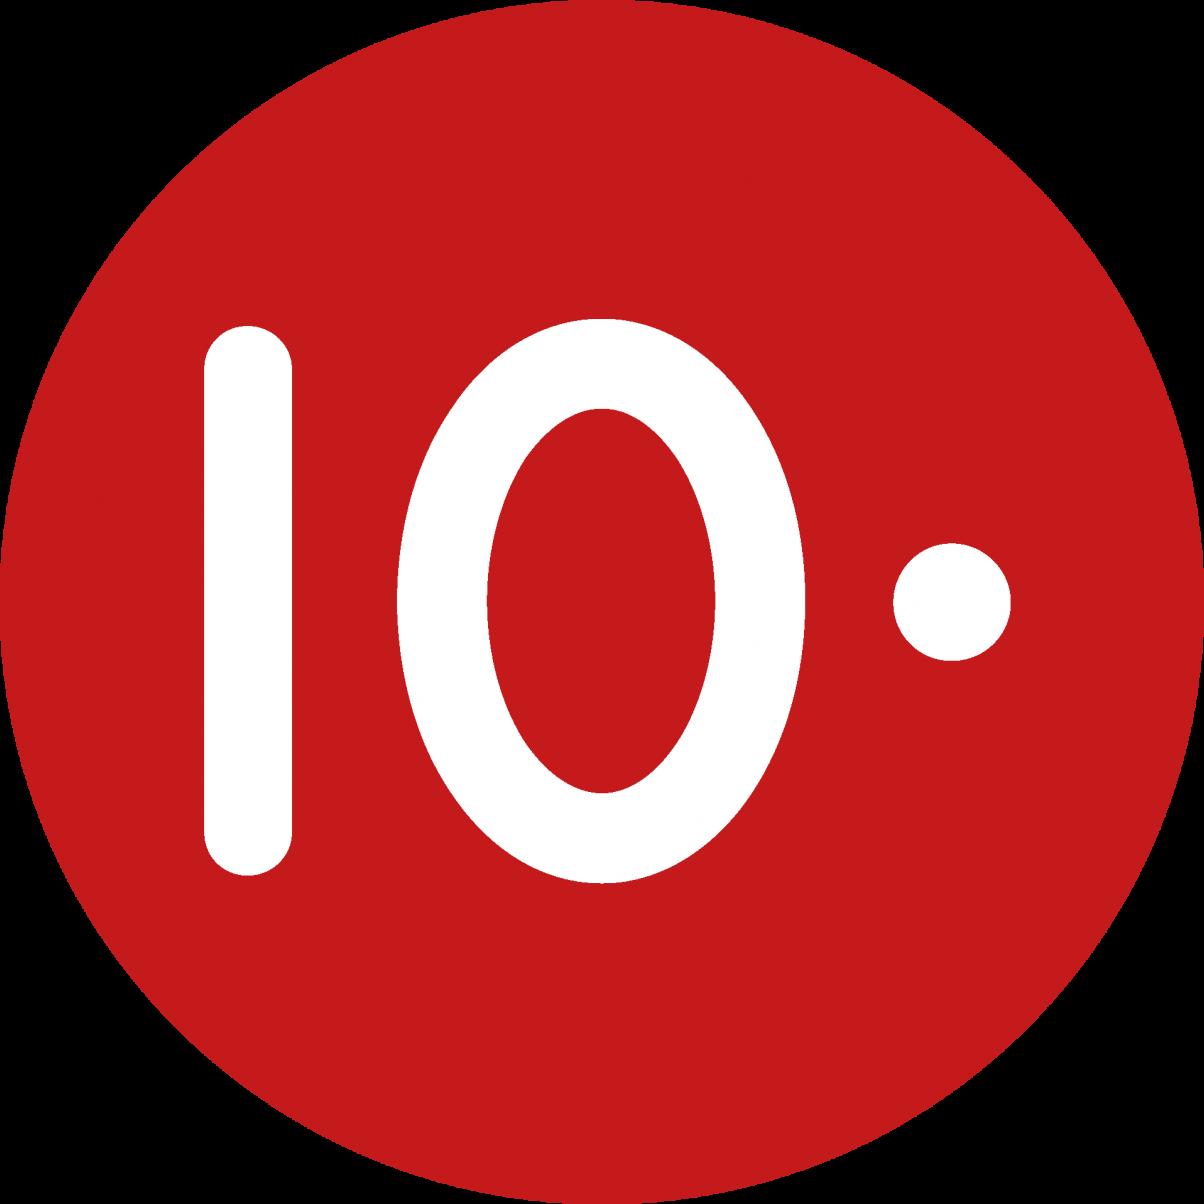 10_klasse_ren_curves